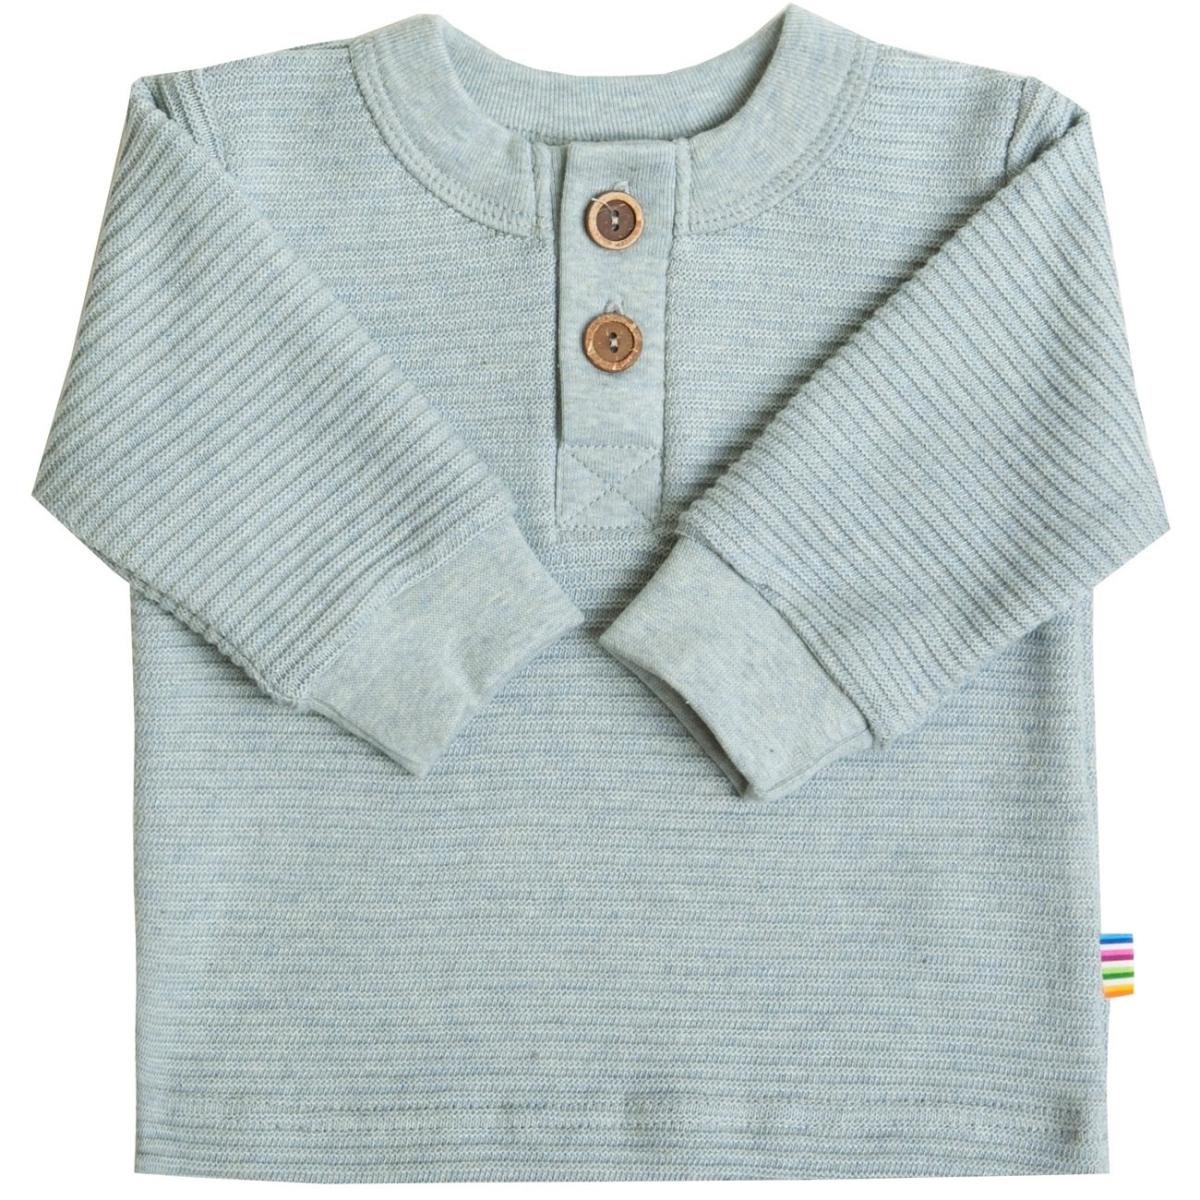 Matchende sett med genser og bukse | Tilbud, rabattkoder og